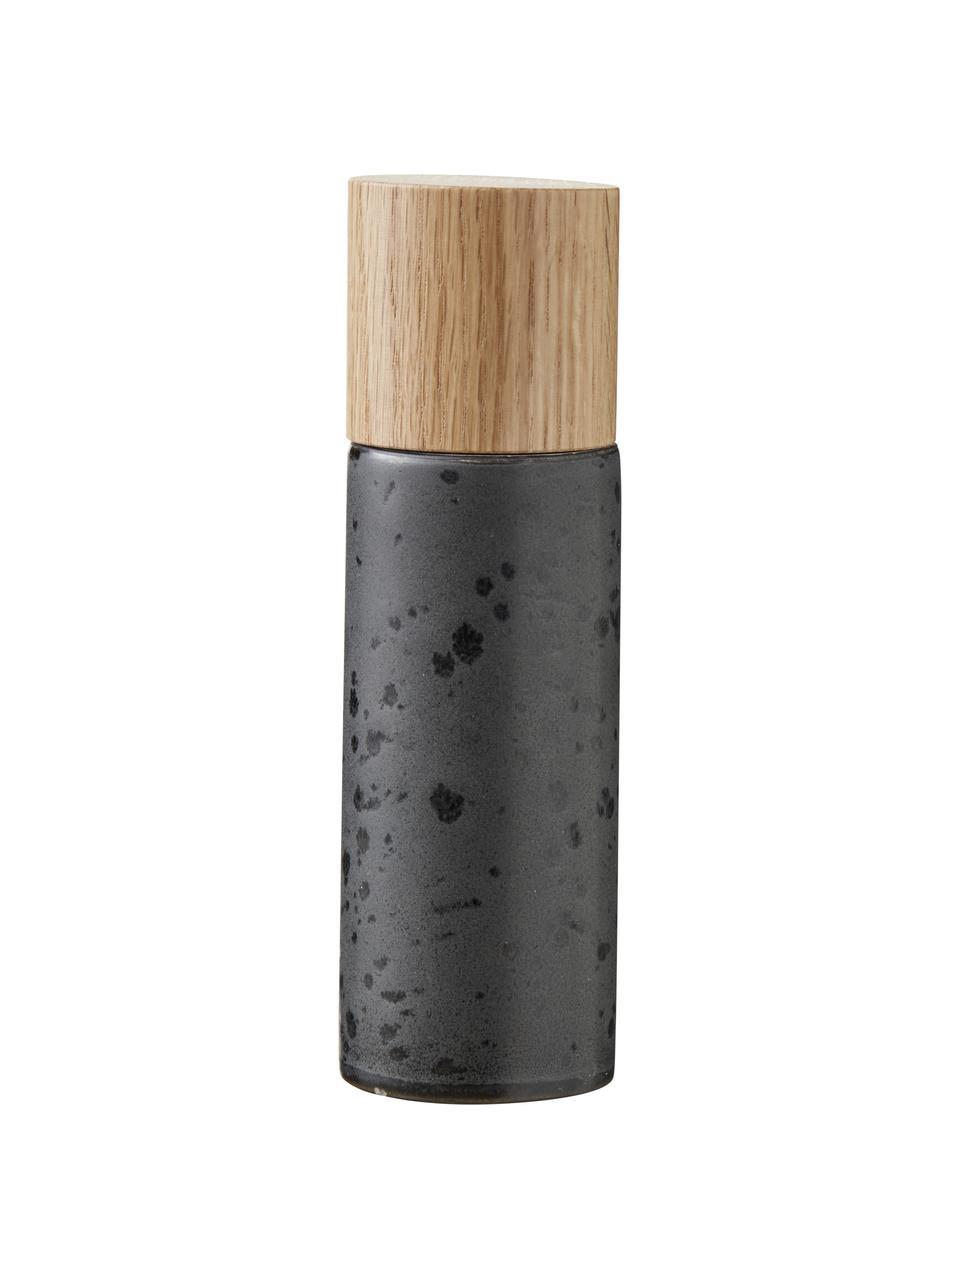 Súprava soľničky a koreničky z kameniny  Bizz, 2 diely, Čierna, béžová